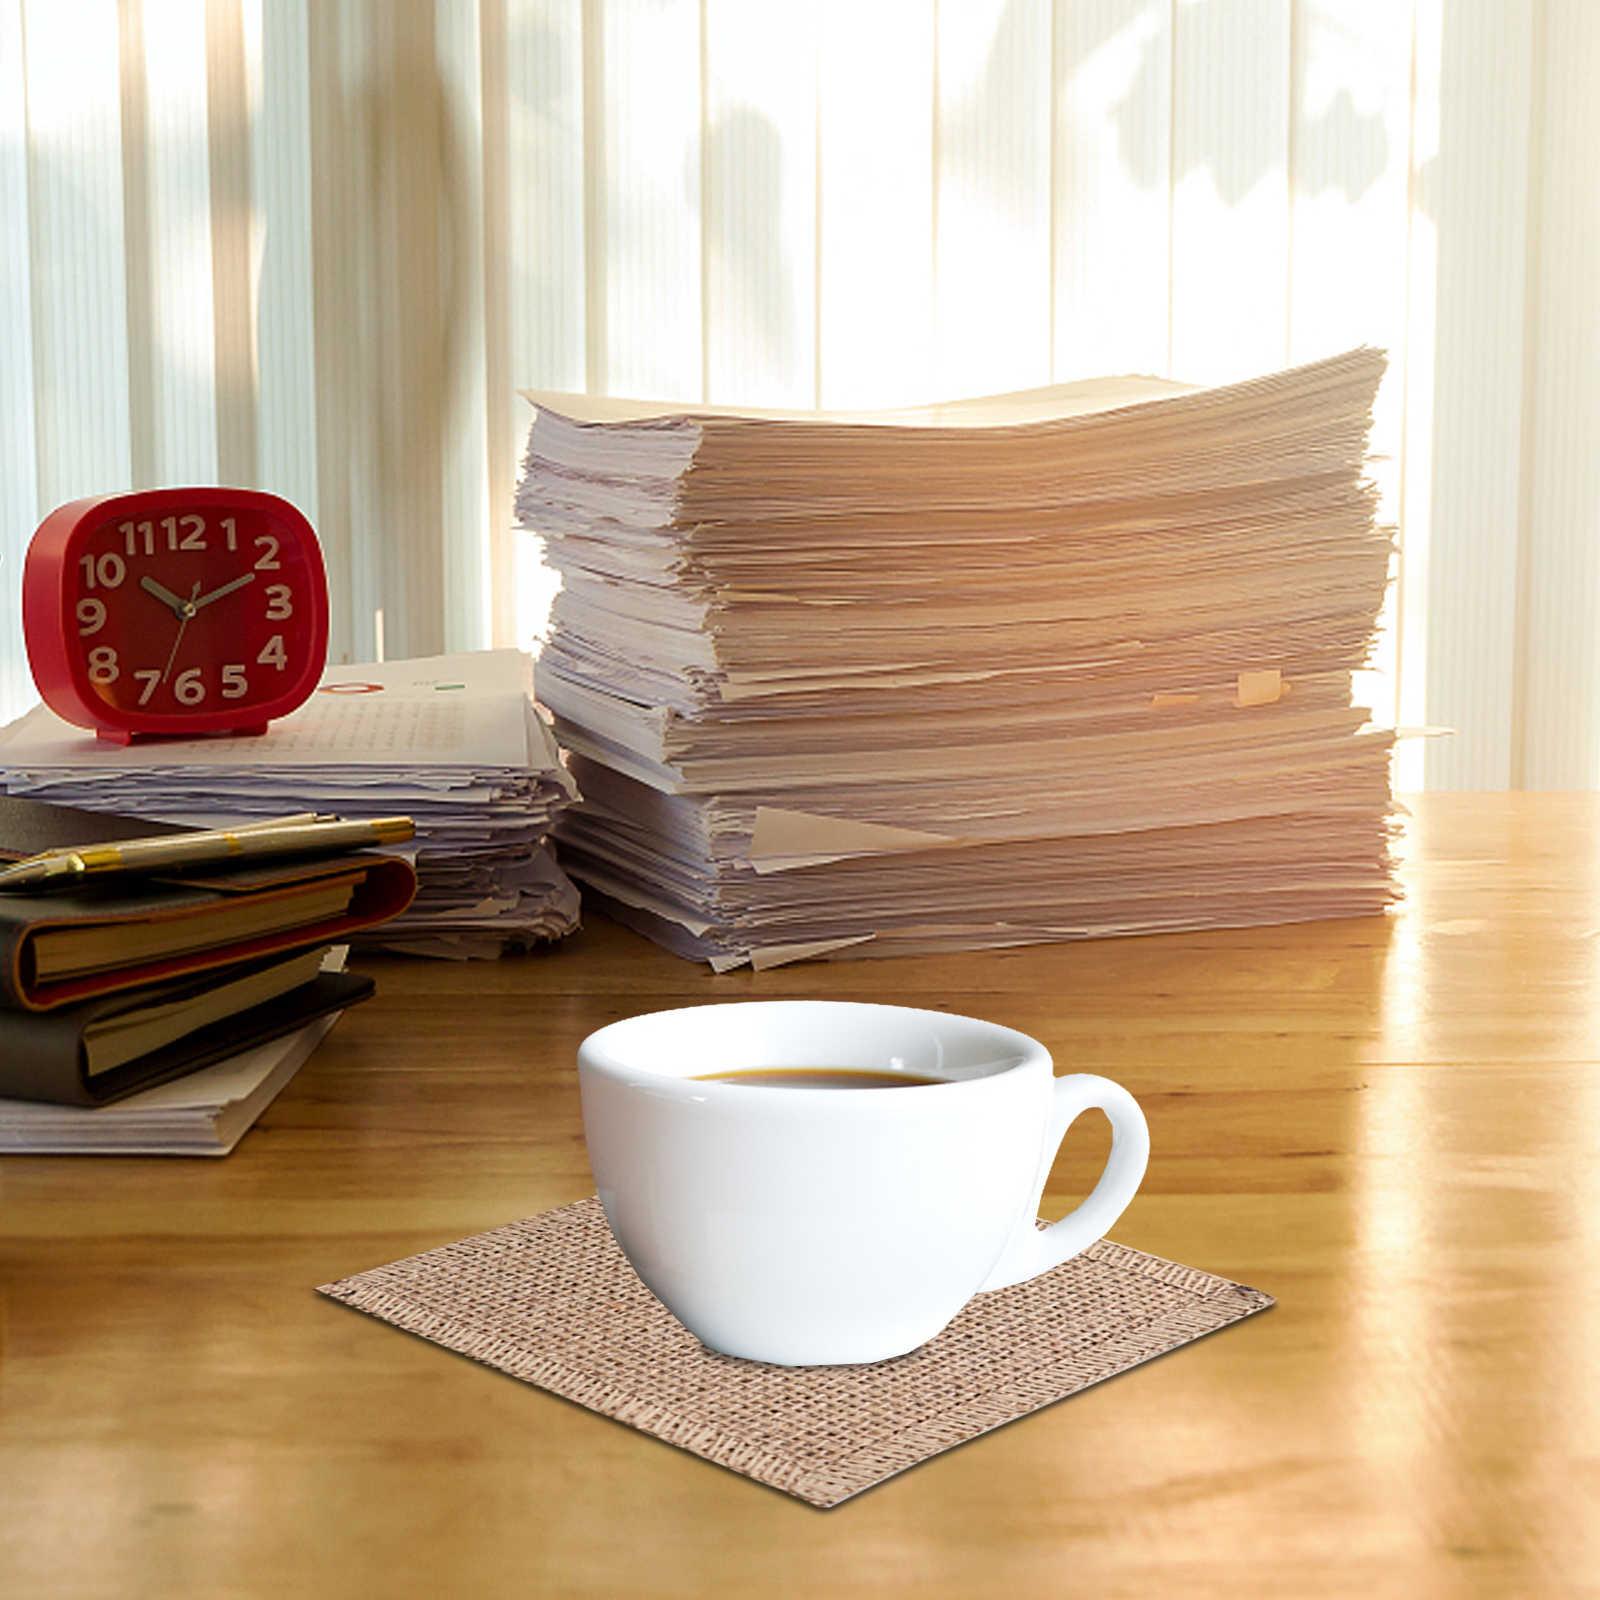 1pcs יוטה שולחן מחצלות תחרה מפיות סטים טבע יוטה ארוג שולחן מחצלות חתונה מסיבת אספקת קפה תה רפידות בית תפאורה